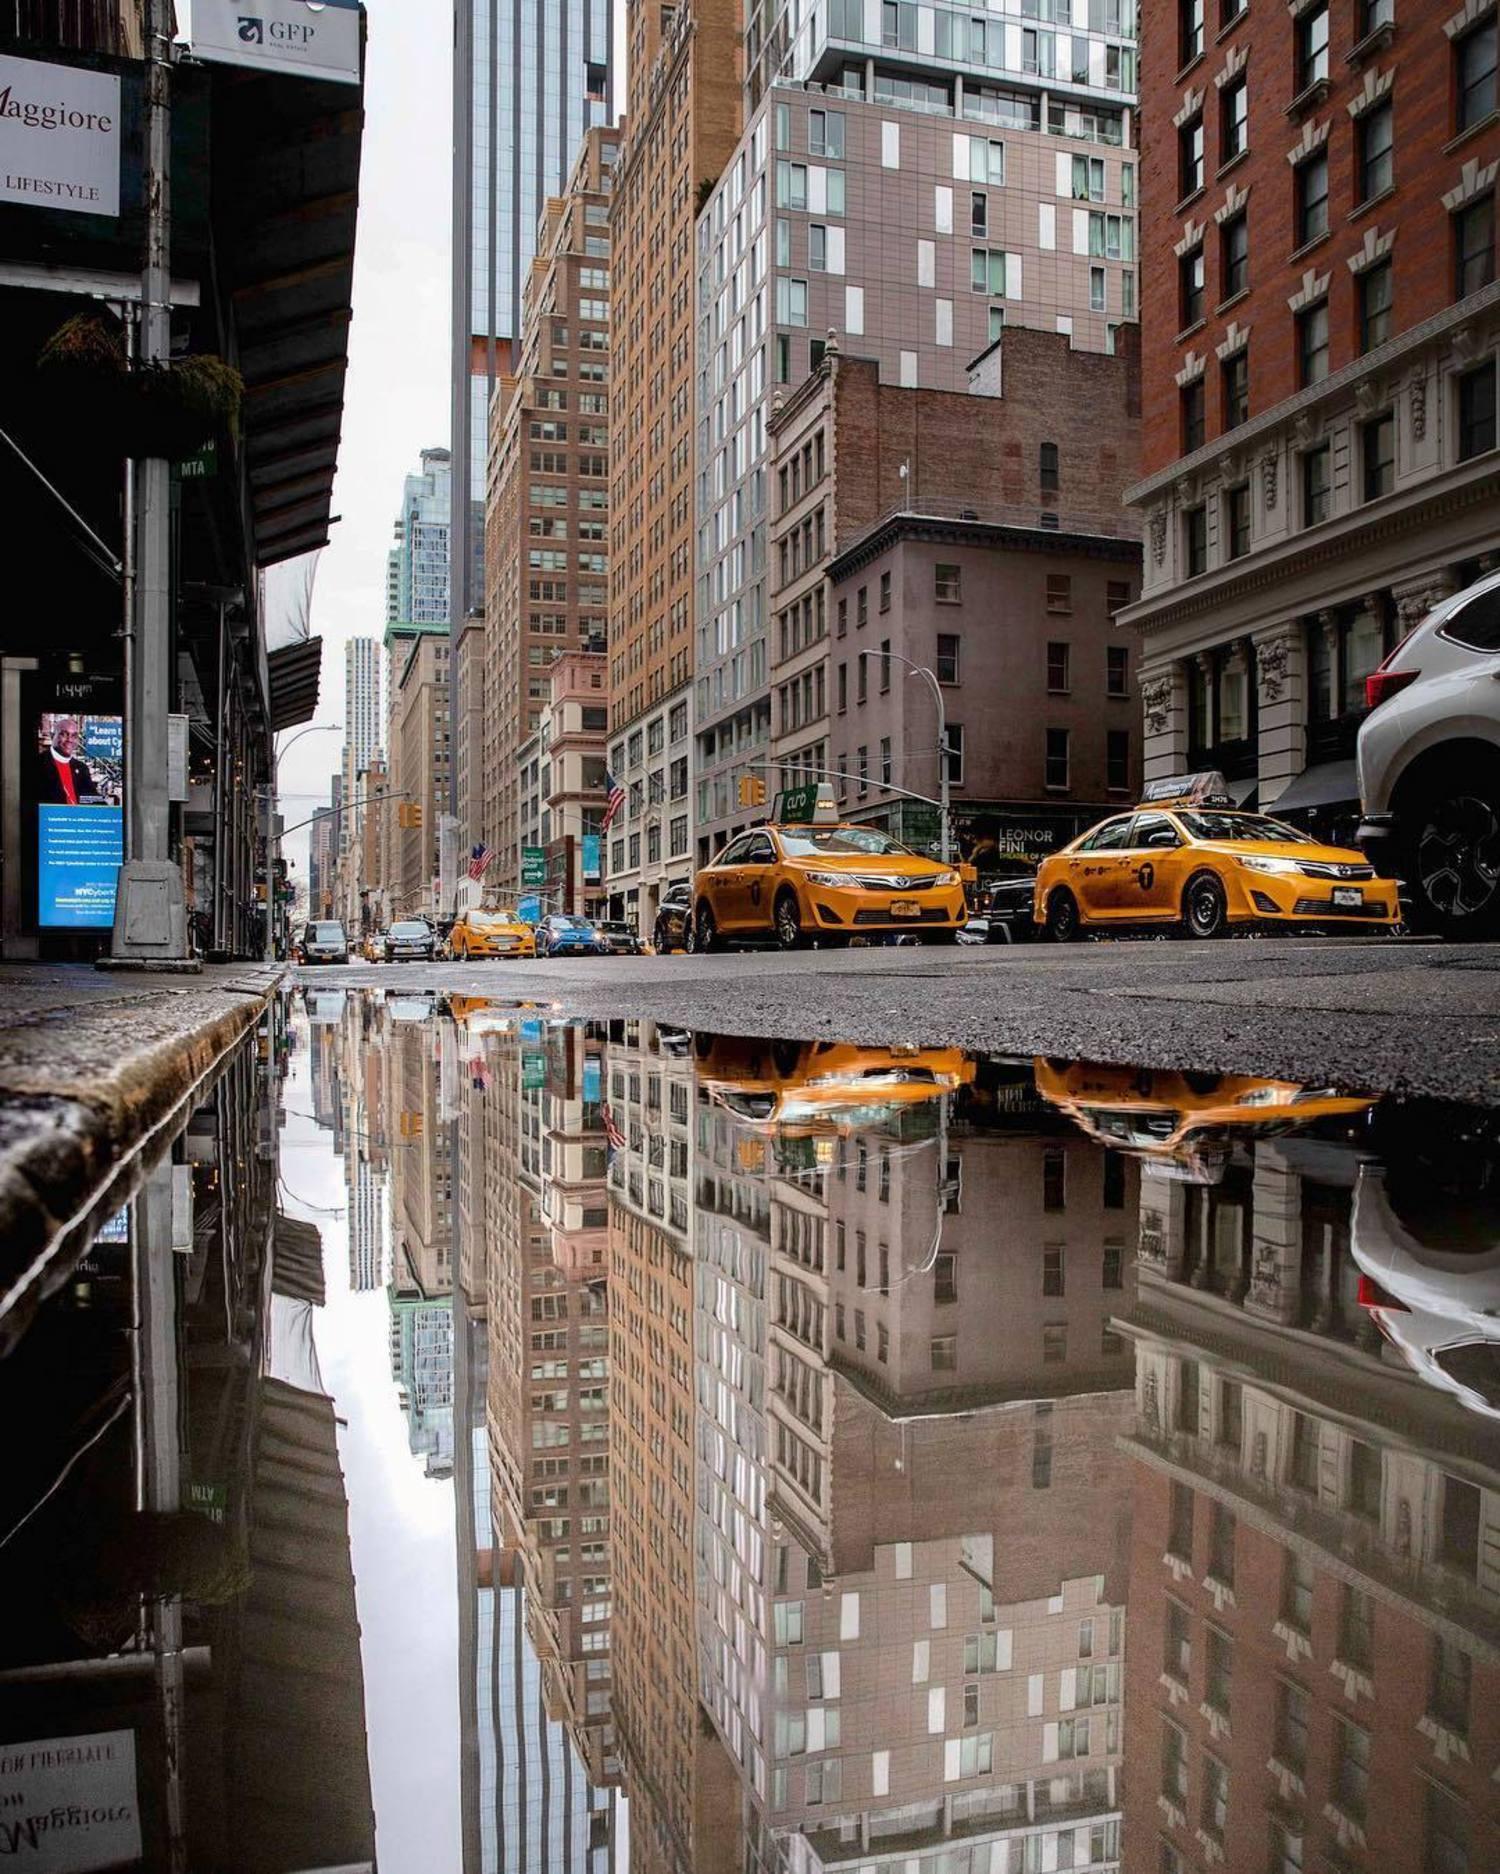 5th Avenue and 26th Street, Manhattan